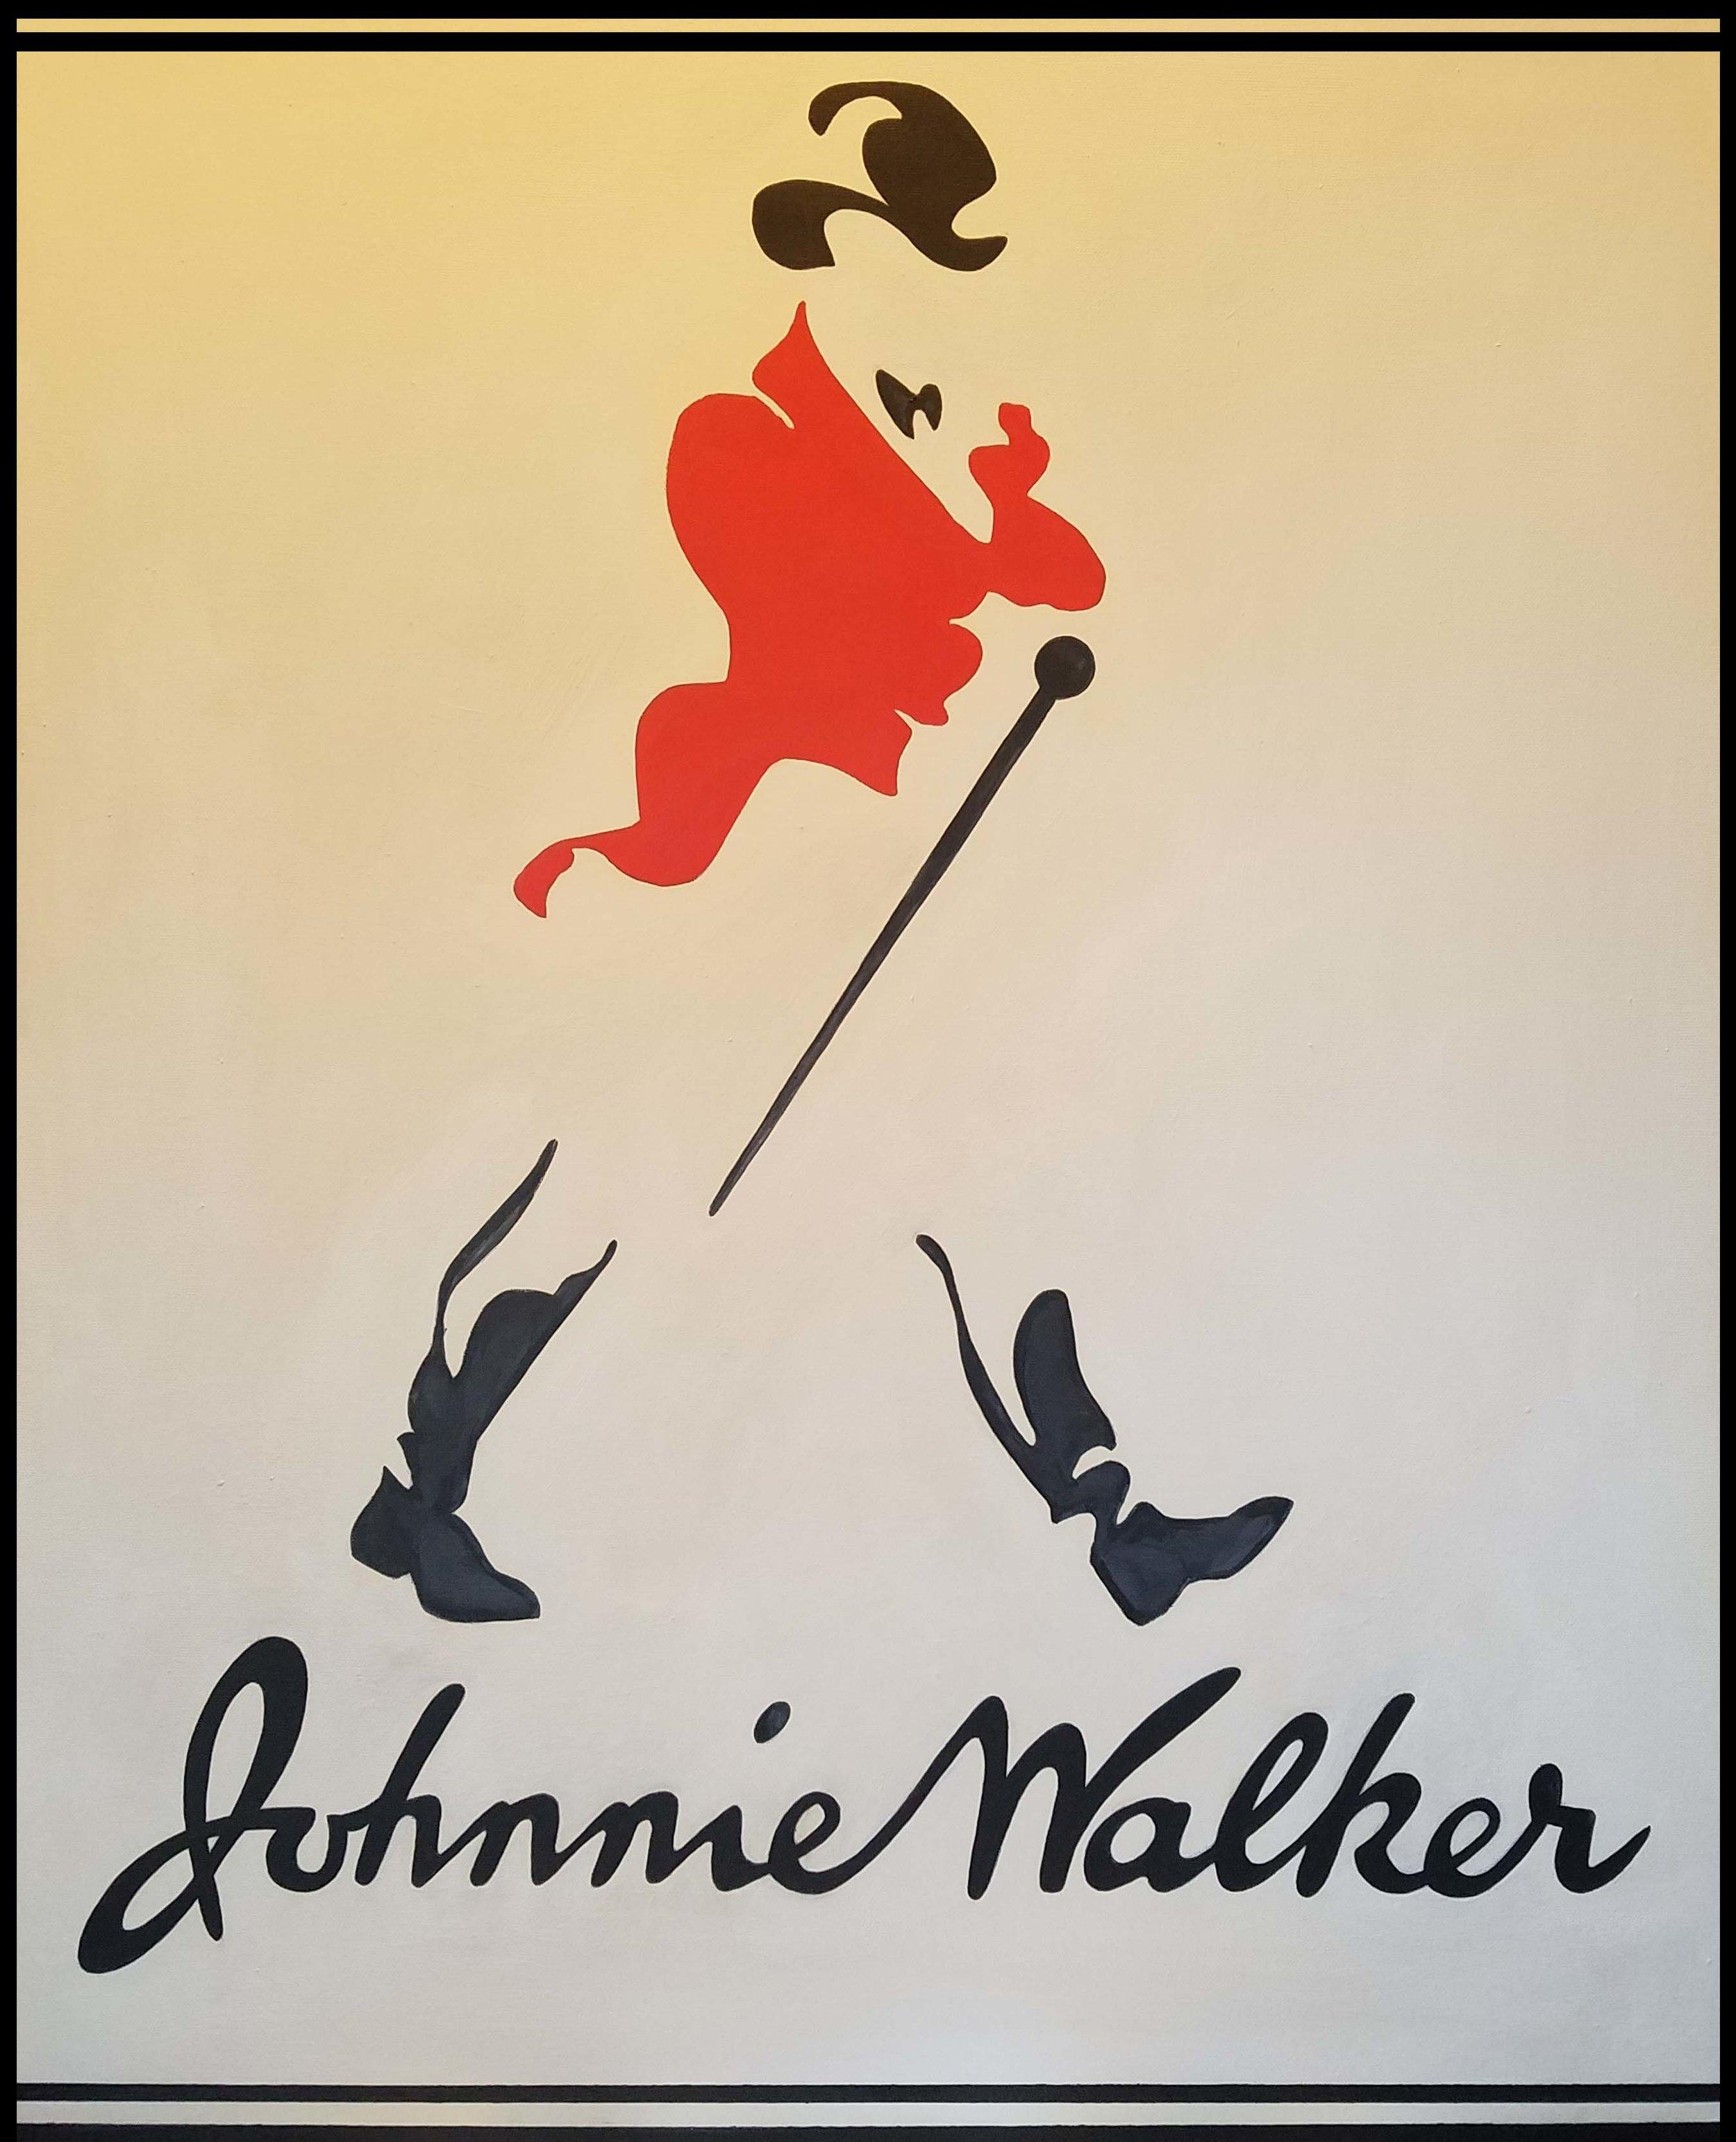 Jonny.Walker.Project.jpg